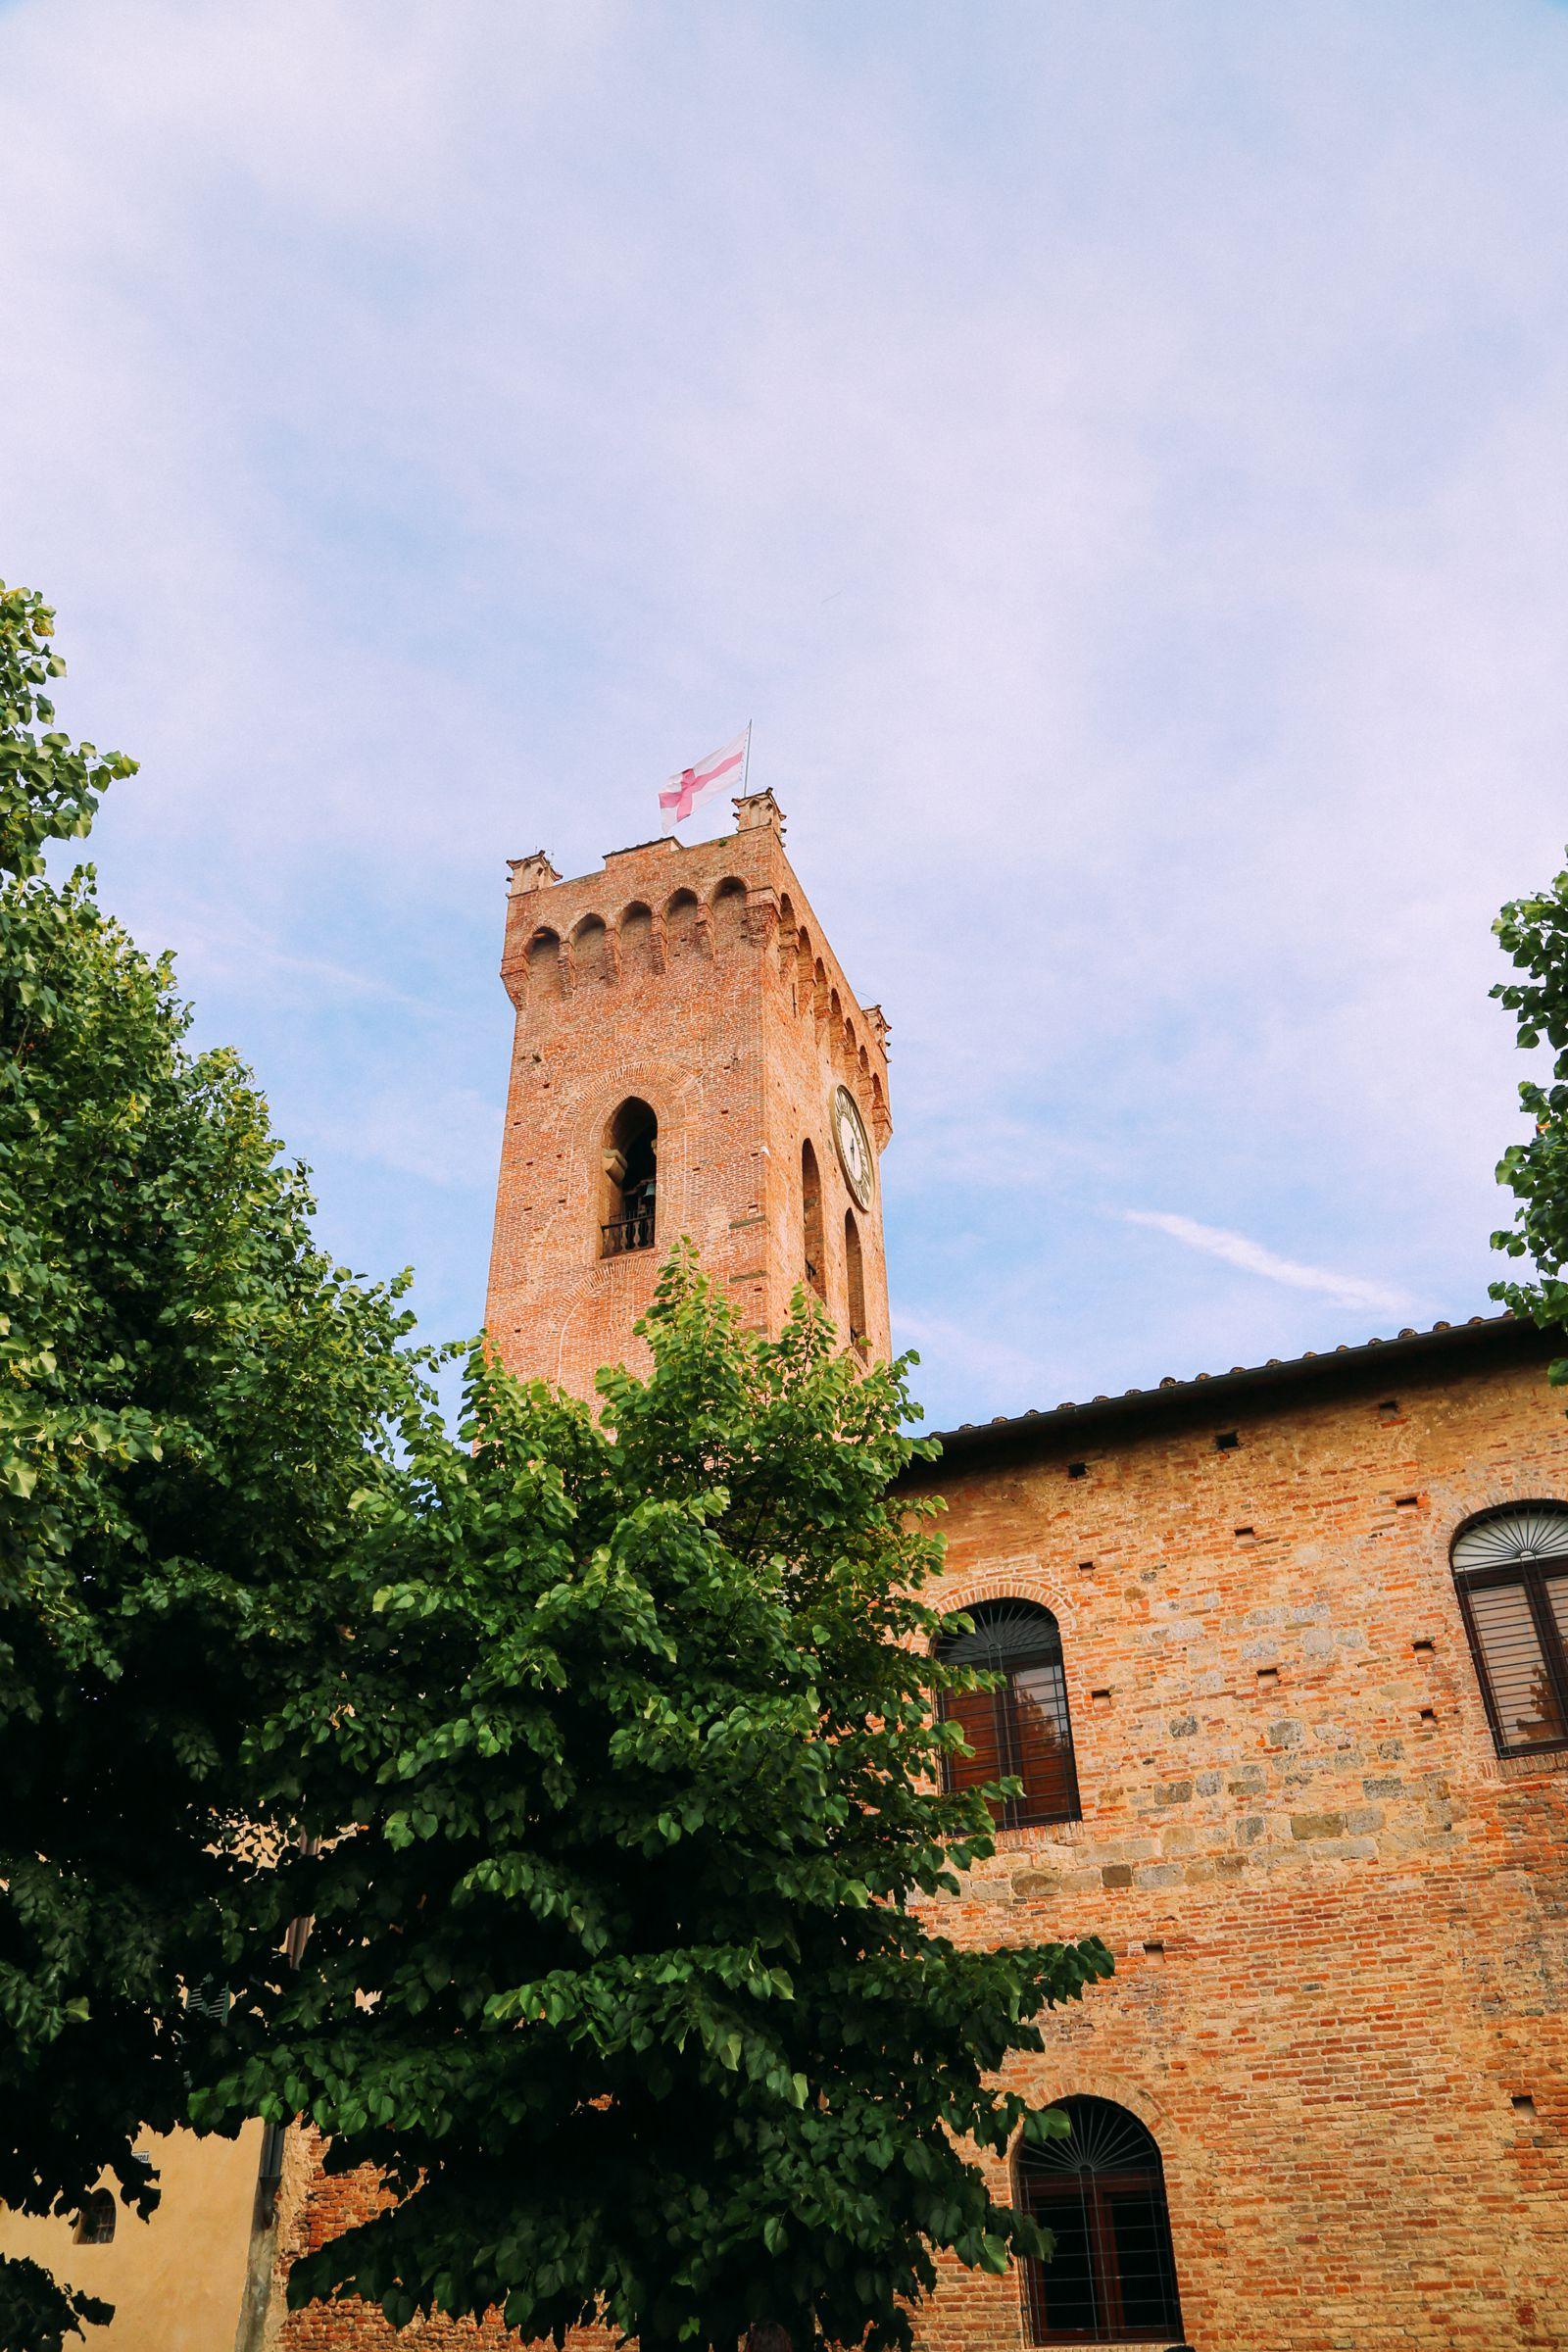 The Beautiful Tuscan Town Of San Miniato, Italy (1)